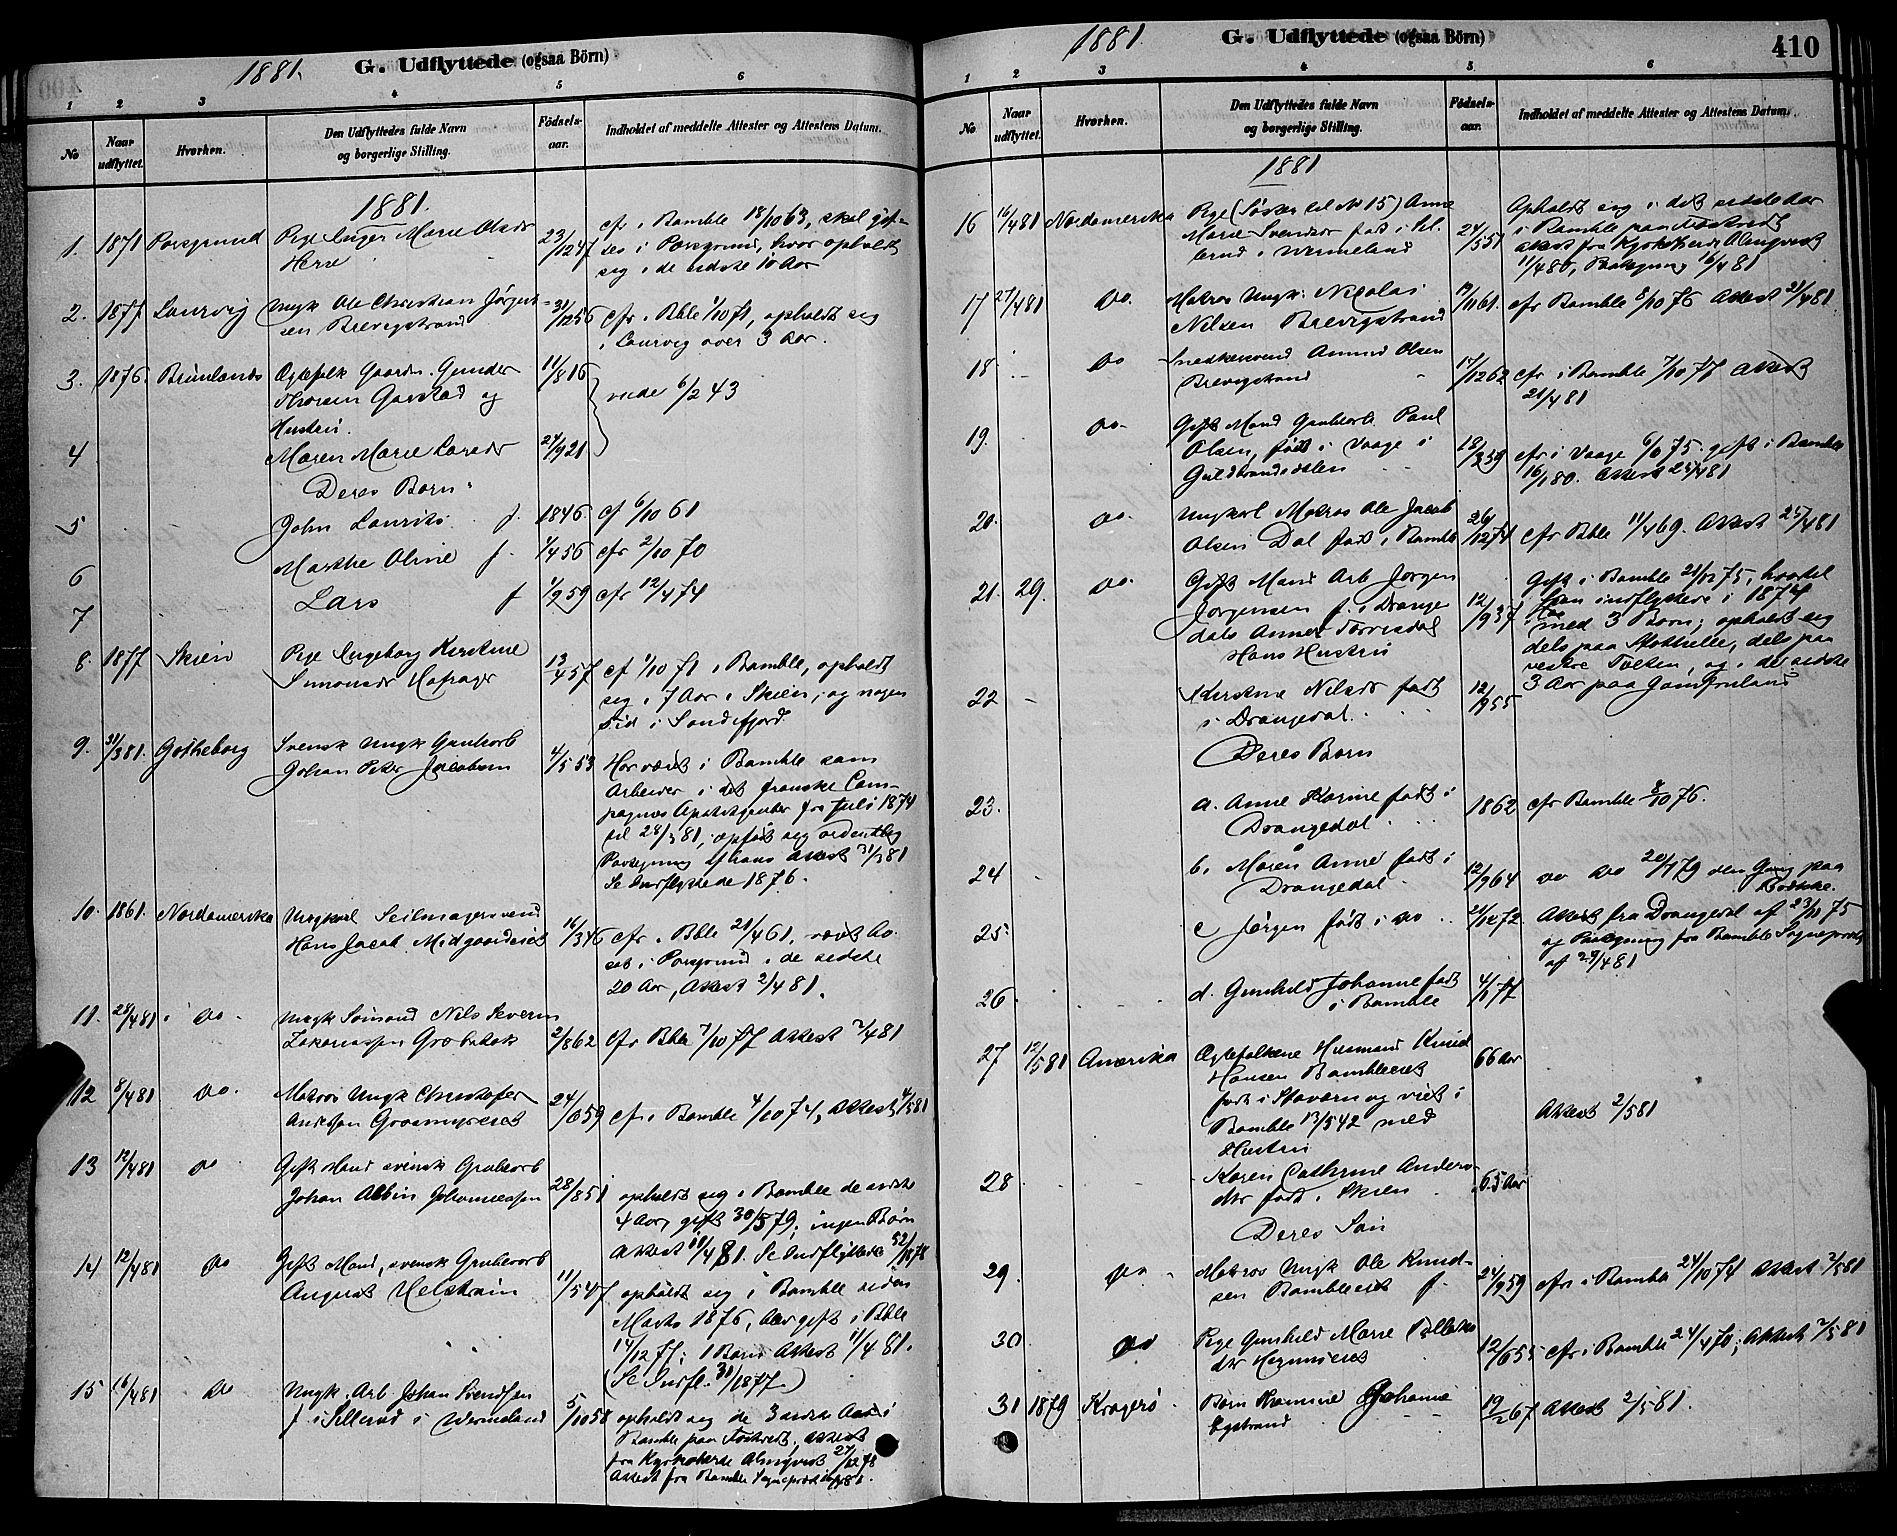 SAKO, Bamble kirkebøker, G/Ga/L0008: Klokkerbok nr. I 8, 1878-1888, s. 410